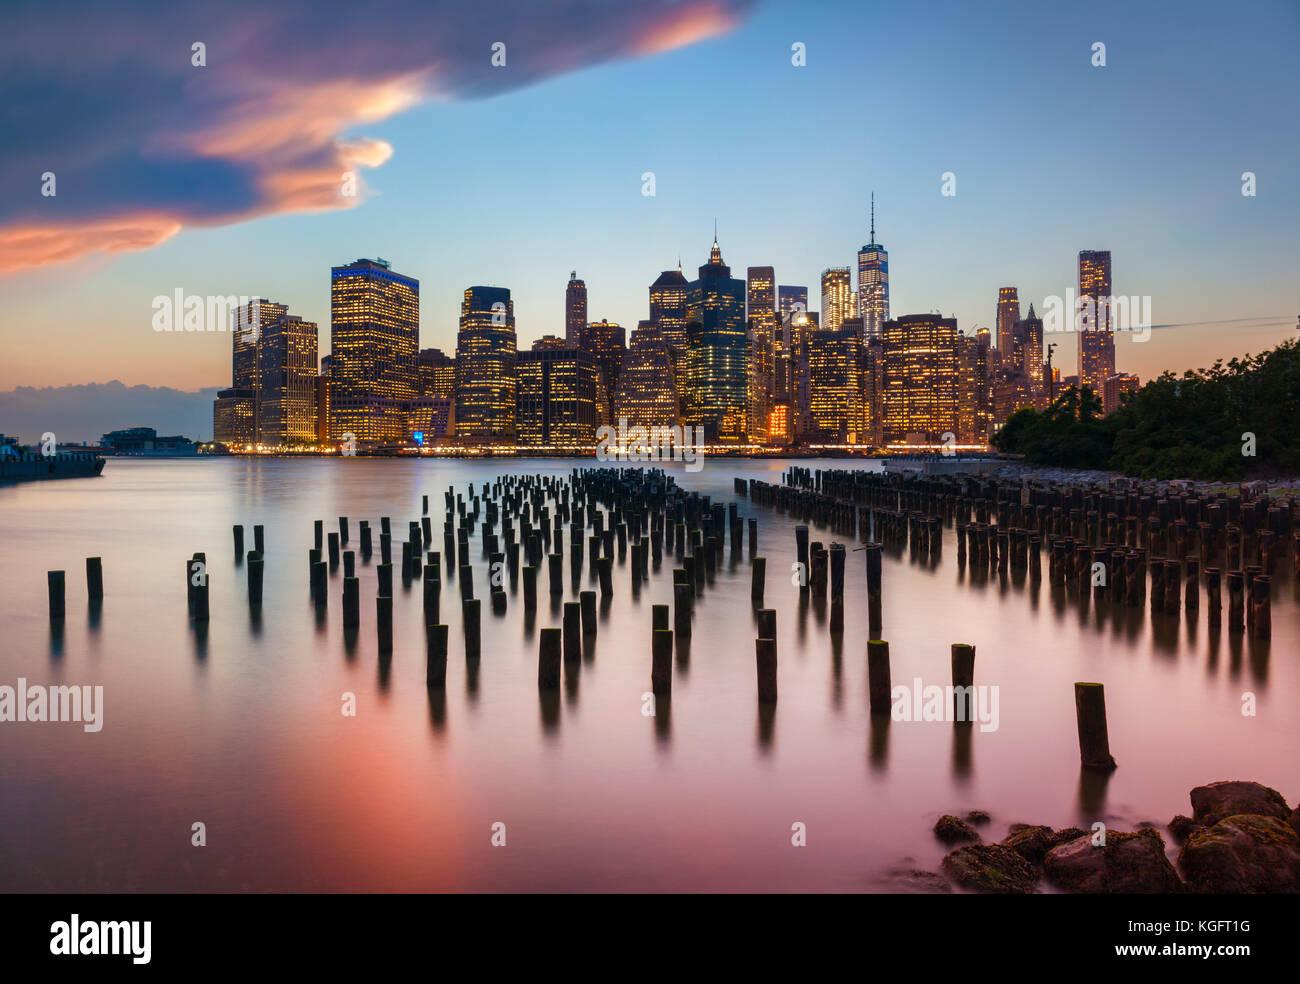 Nueva York Manhattan skyline atardecer tormentoso cielo del rascacielos con Brooklyn Old Pier 1 pilotes de madera de la ciudad de Nueva York el estado de Nueva York, EE.UU. Foto de stock